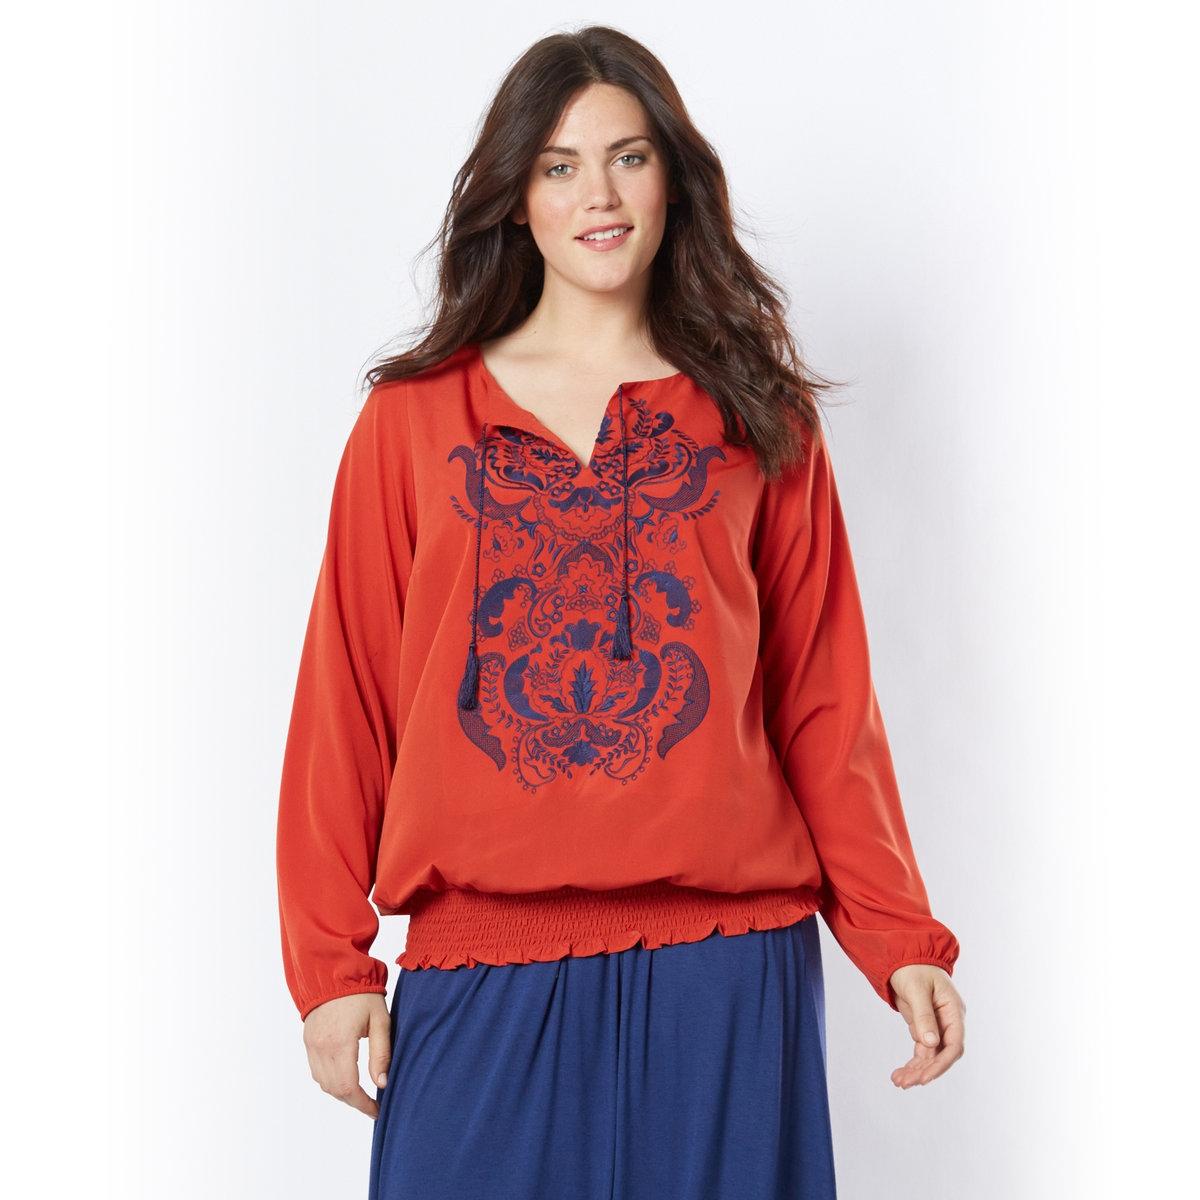 БлузкаБлузка. Невероятно женственная блузка с вырезом, подчеркнутым вышивкой и складками по талии. Декоративные завязки на вырезе. Длинные рукава. Эластичные края рукавов и низа. 100% полиэстера. Длина 68 см.<br><br>Цвет: оранжевый<br>Размер: 42 (FR) - 48 (RUS)